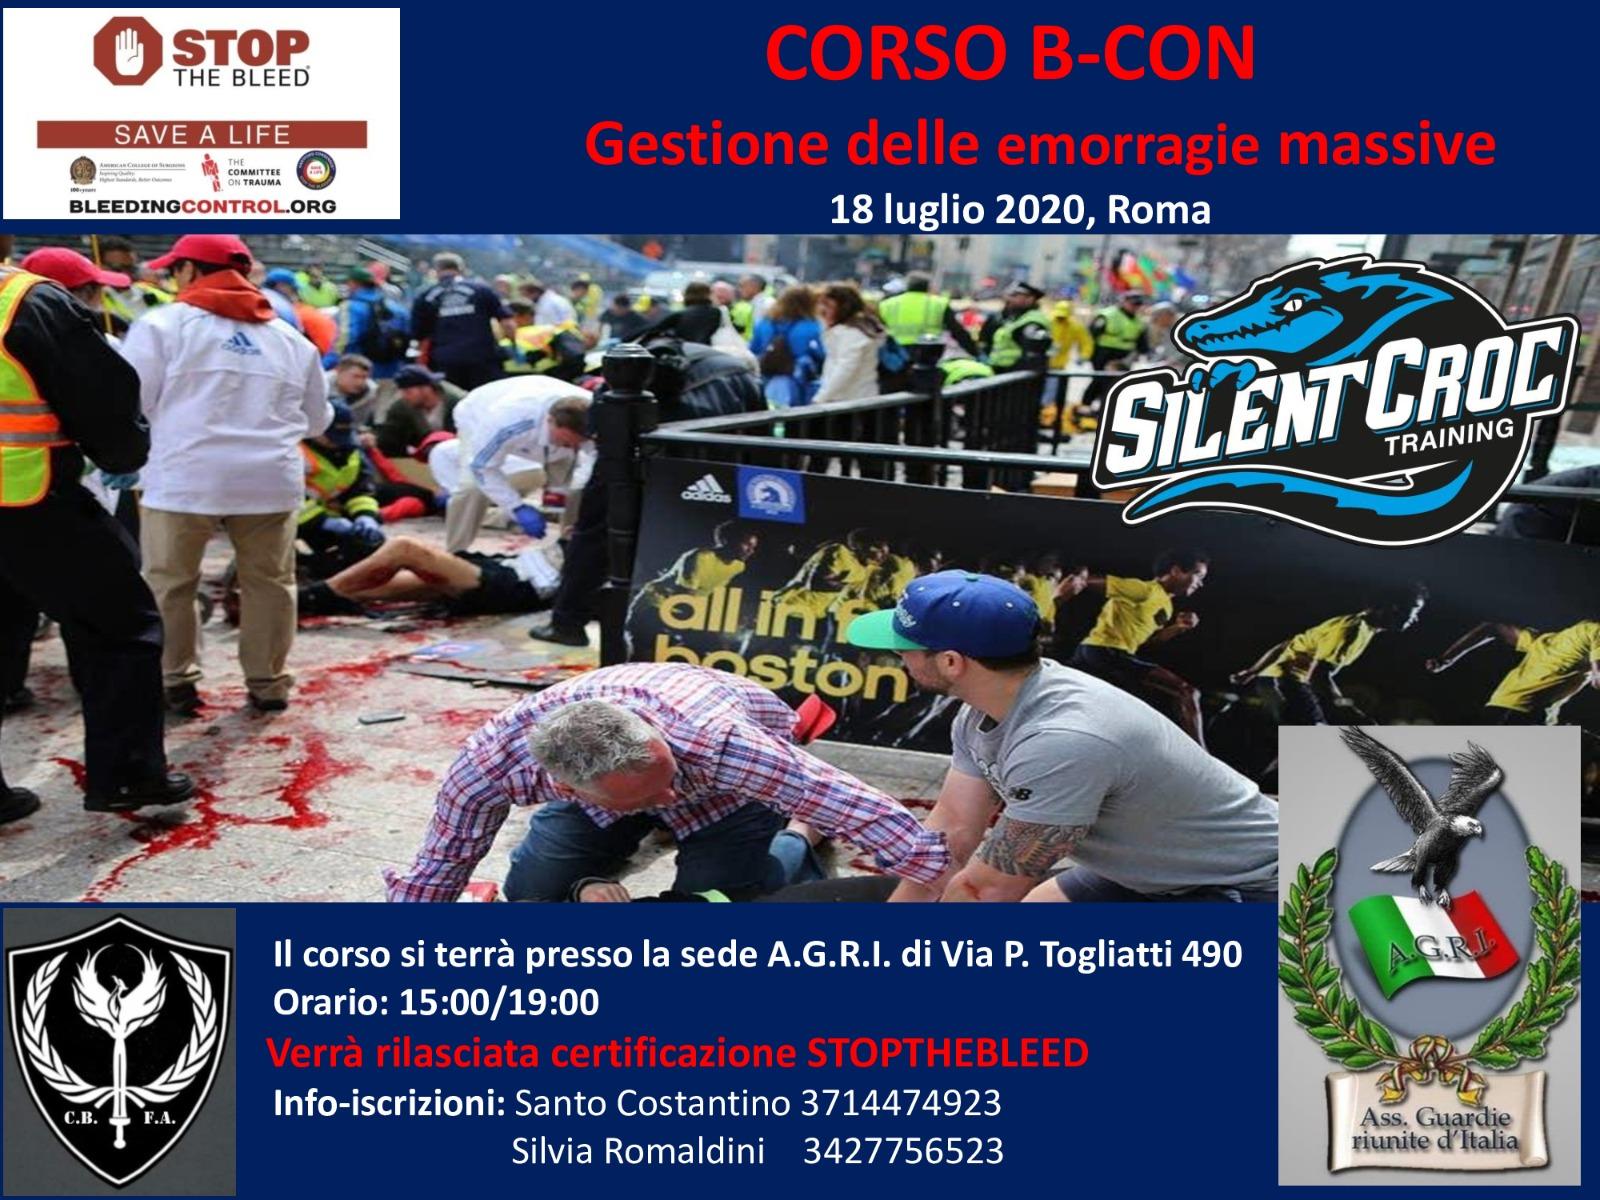 180720 Corso Bcon